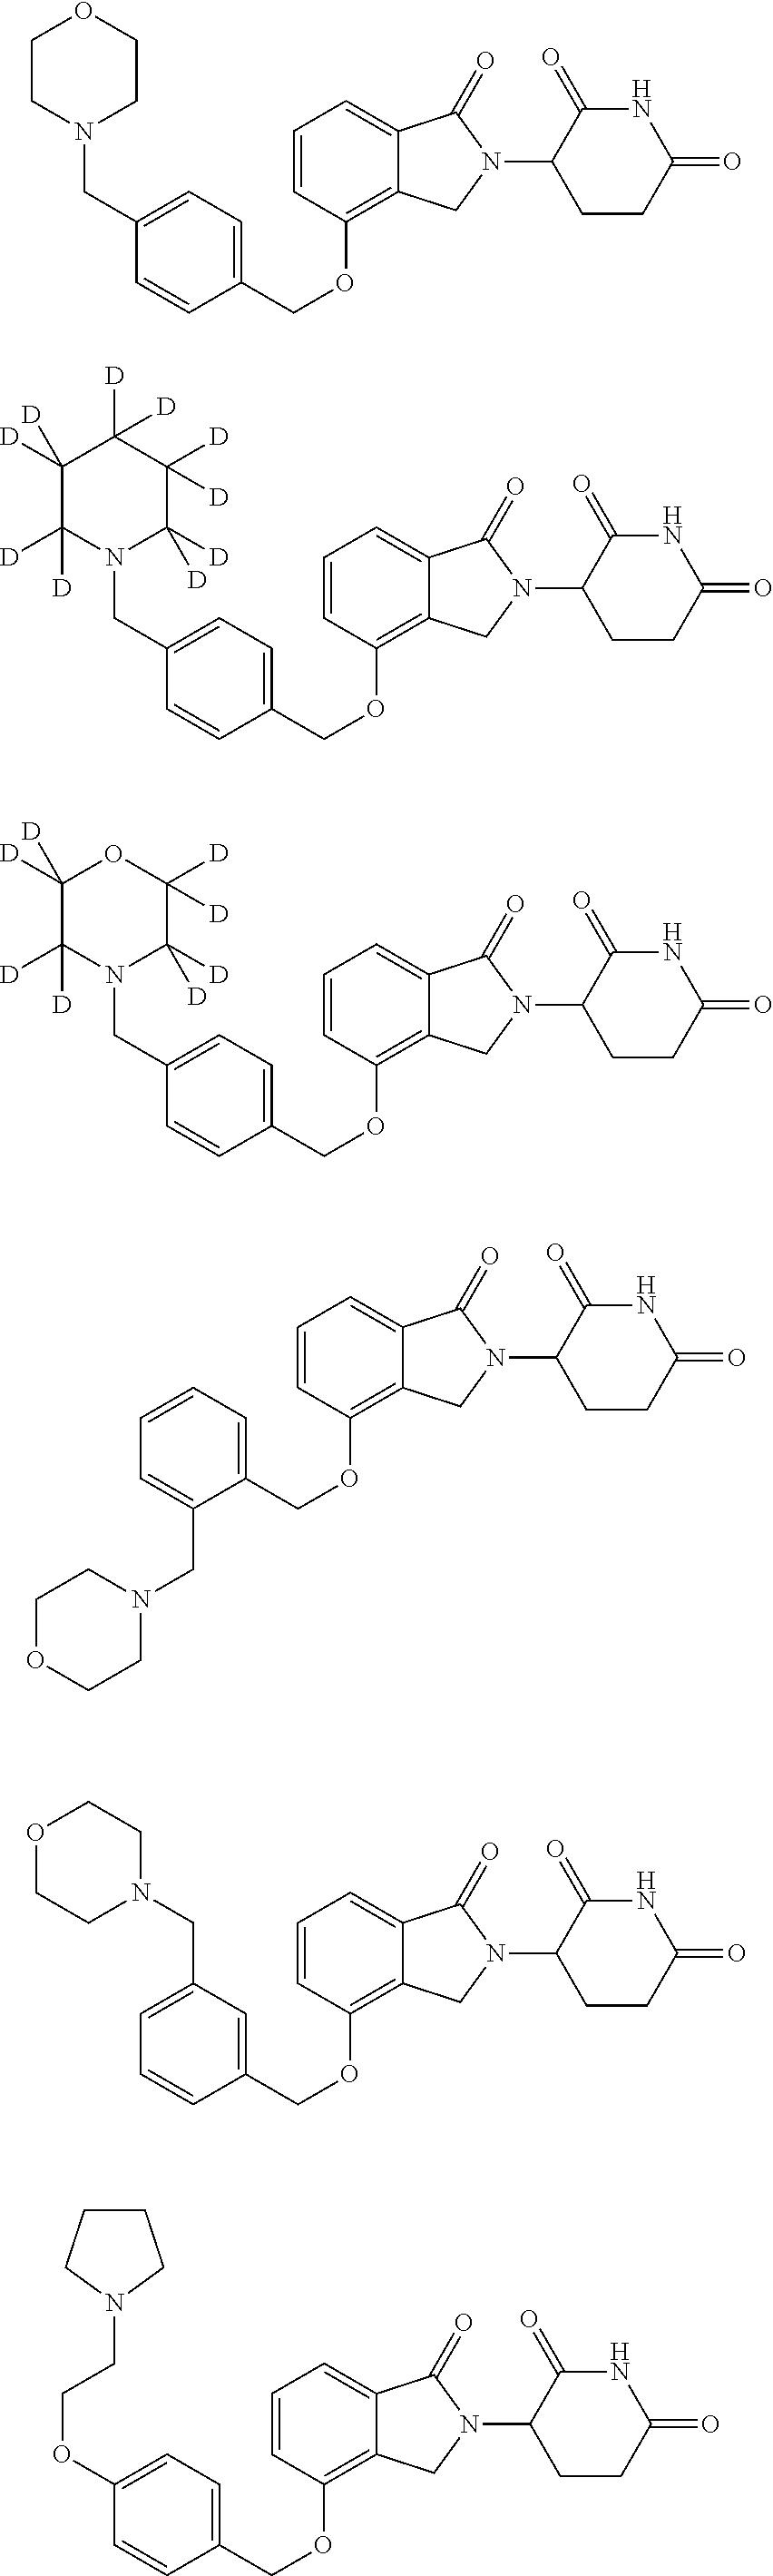 Figure US20110196150A1-20110811-C00002